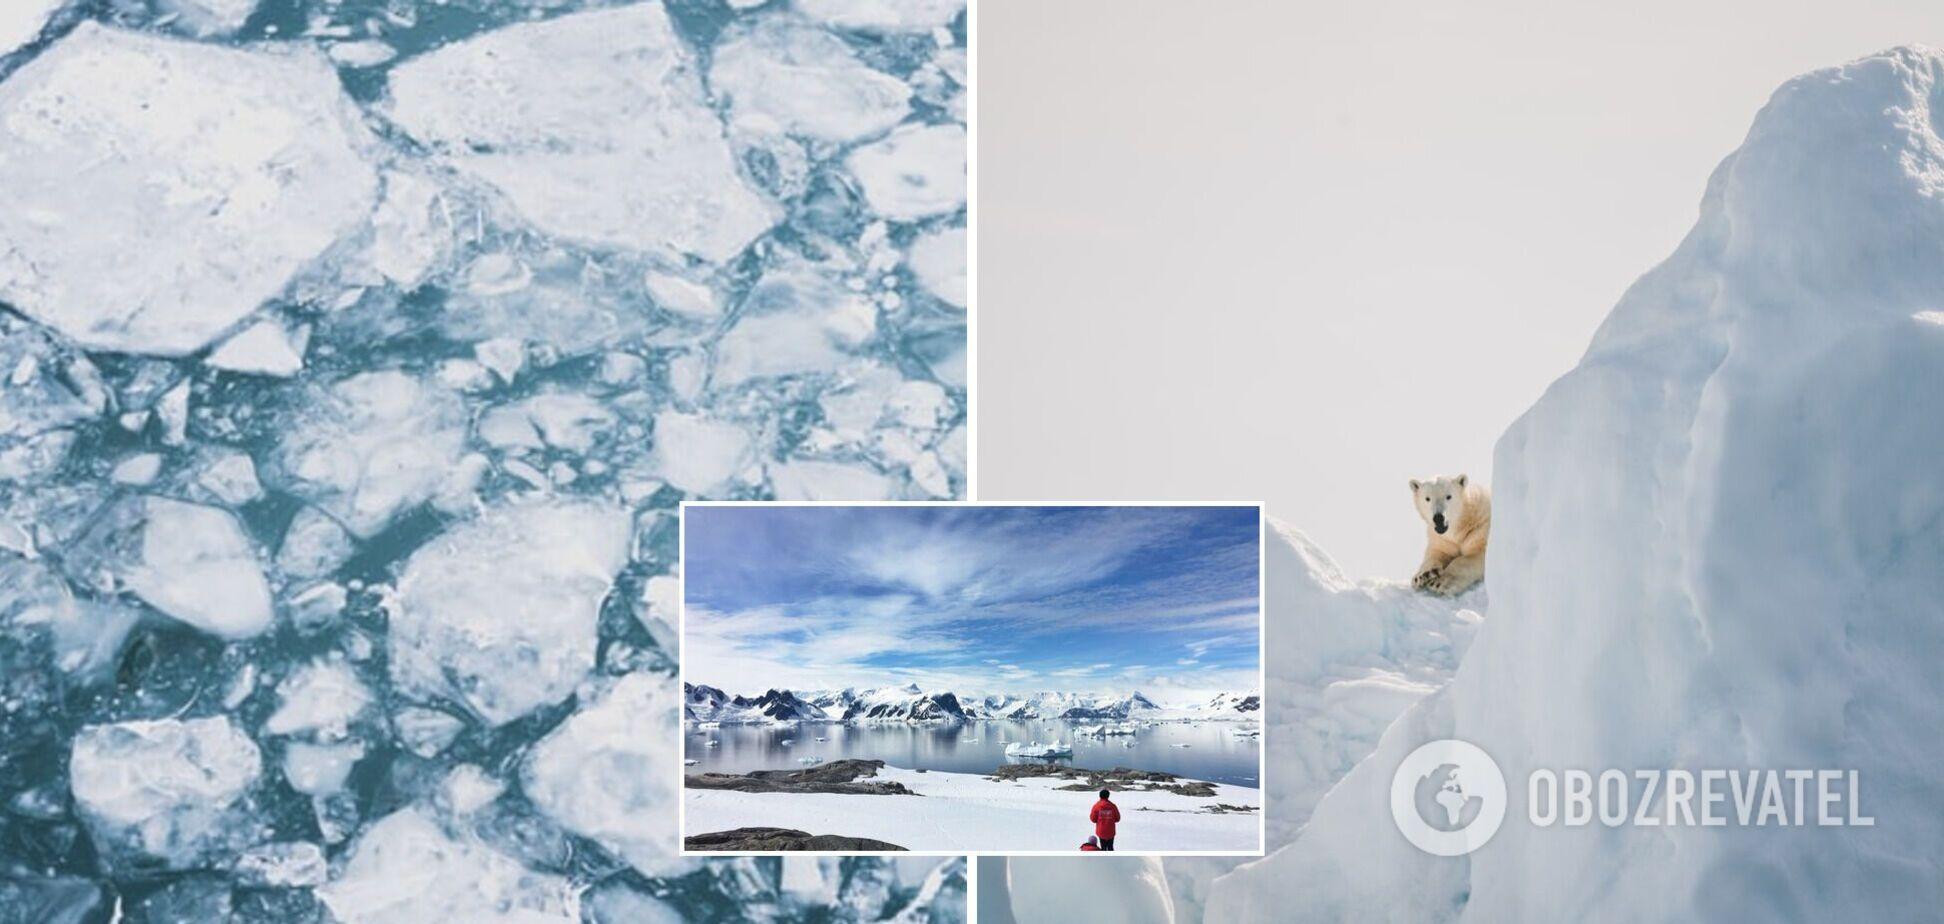 Танення вічної мерзлоти в Арктиці може призвести до викиду радіоактивних відходів – дослідники